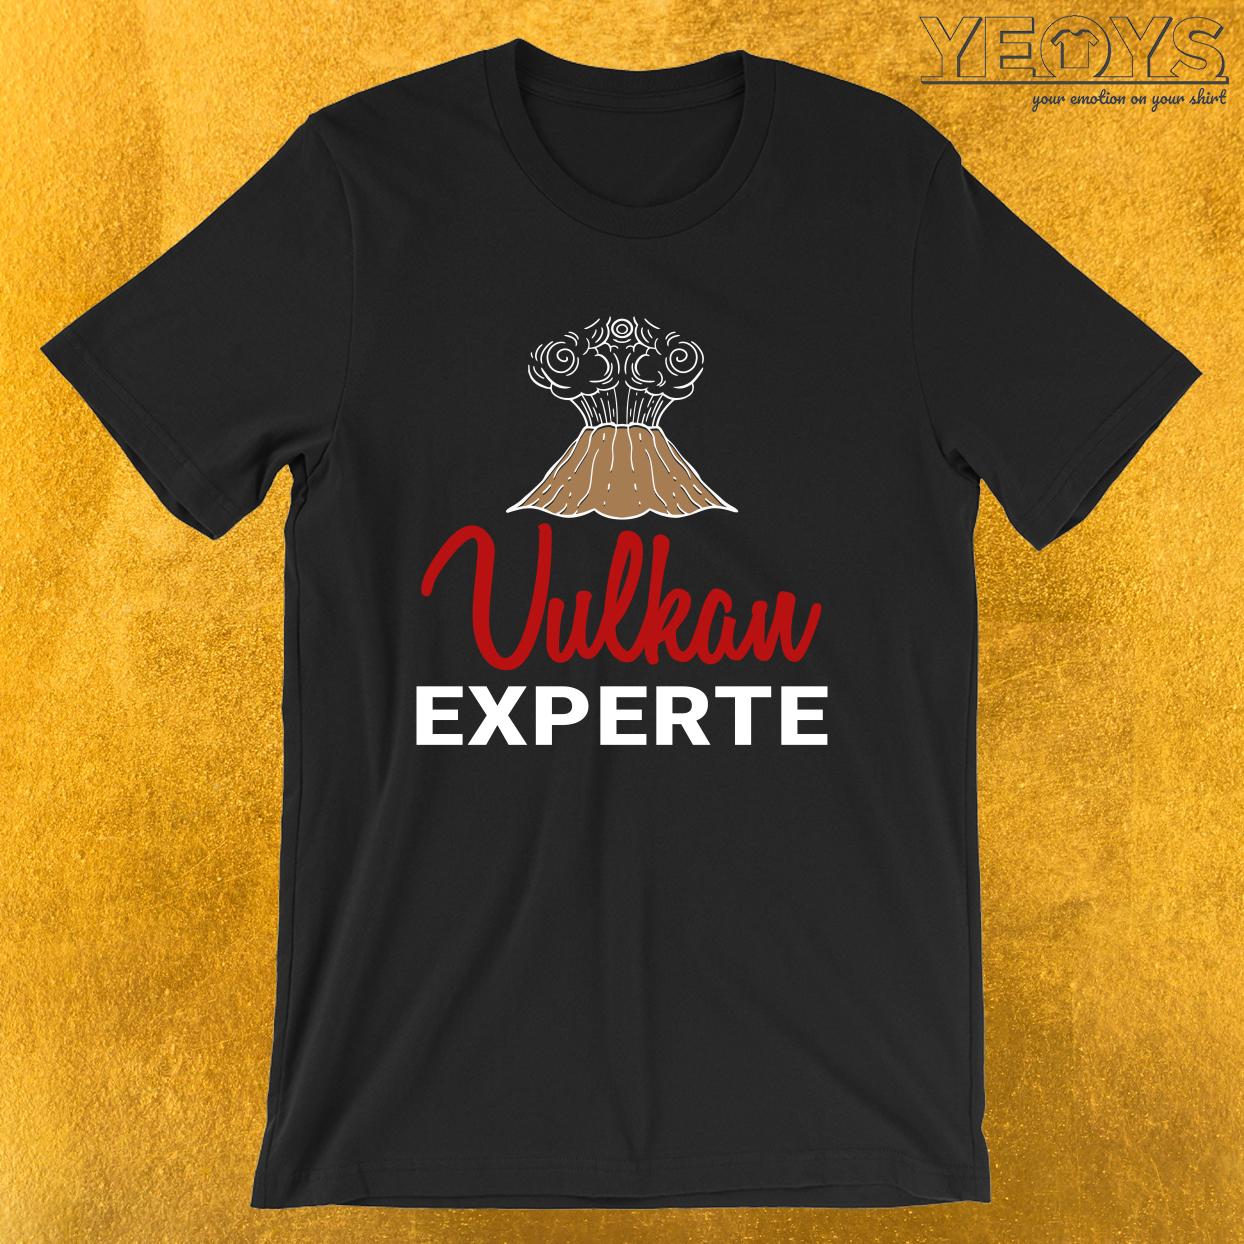 Vulkan Experte – Vulkan Ausbruch Tee